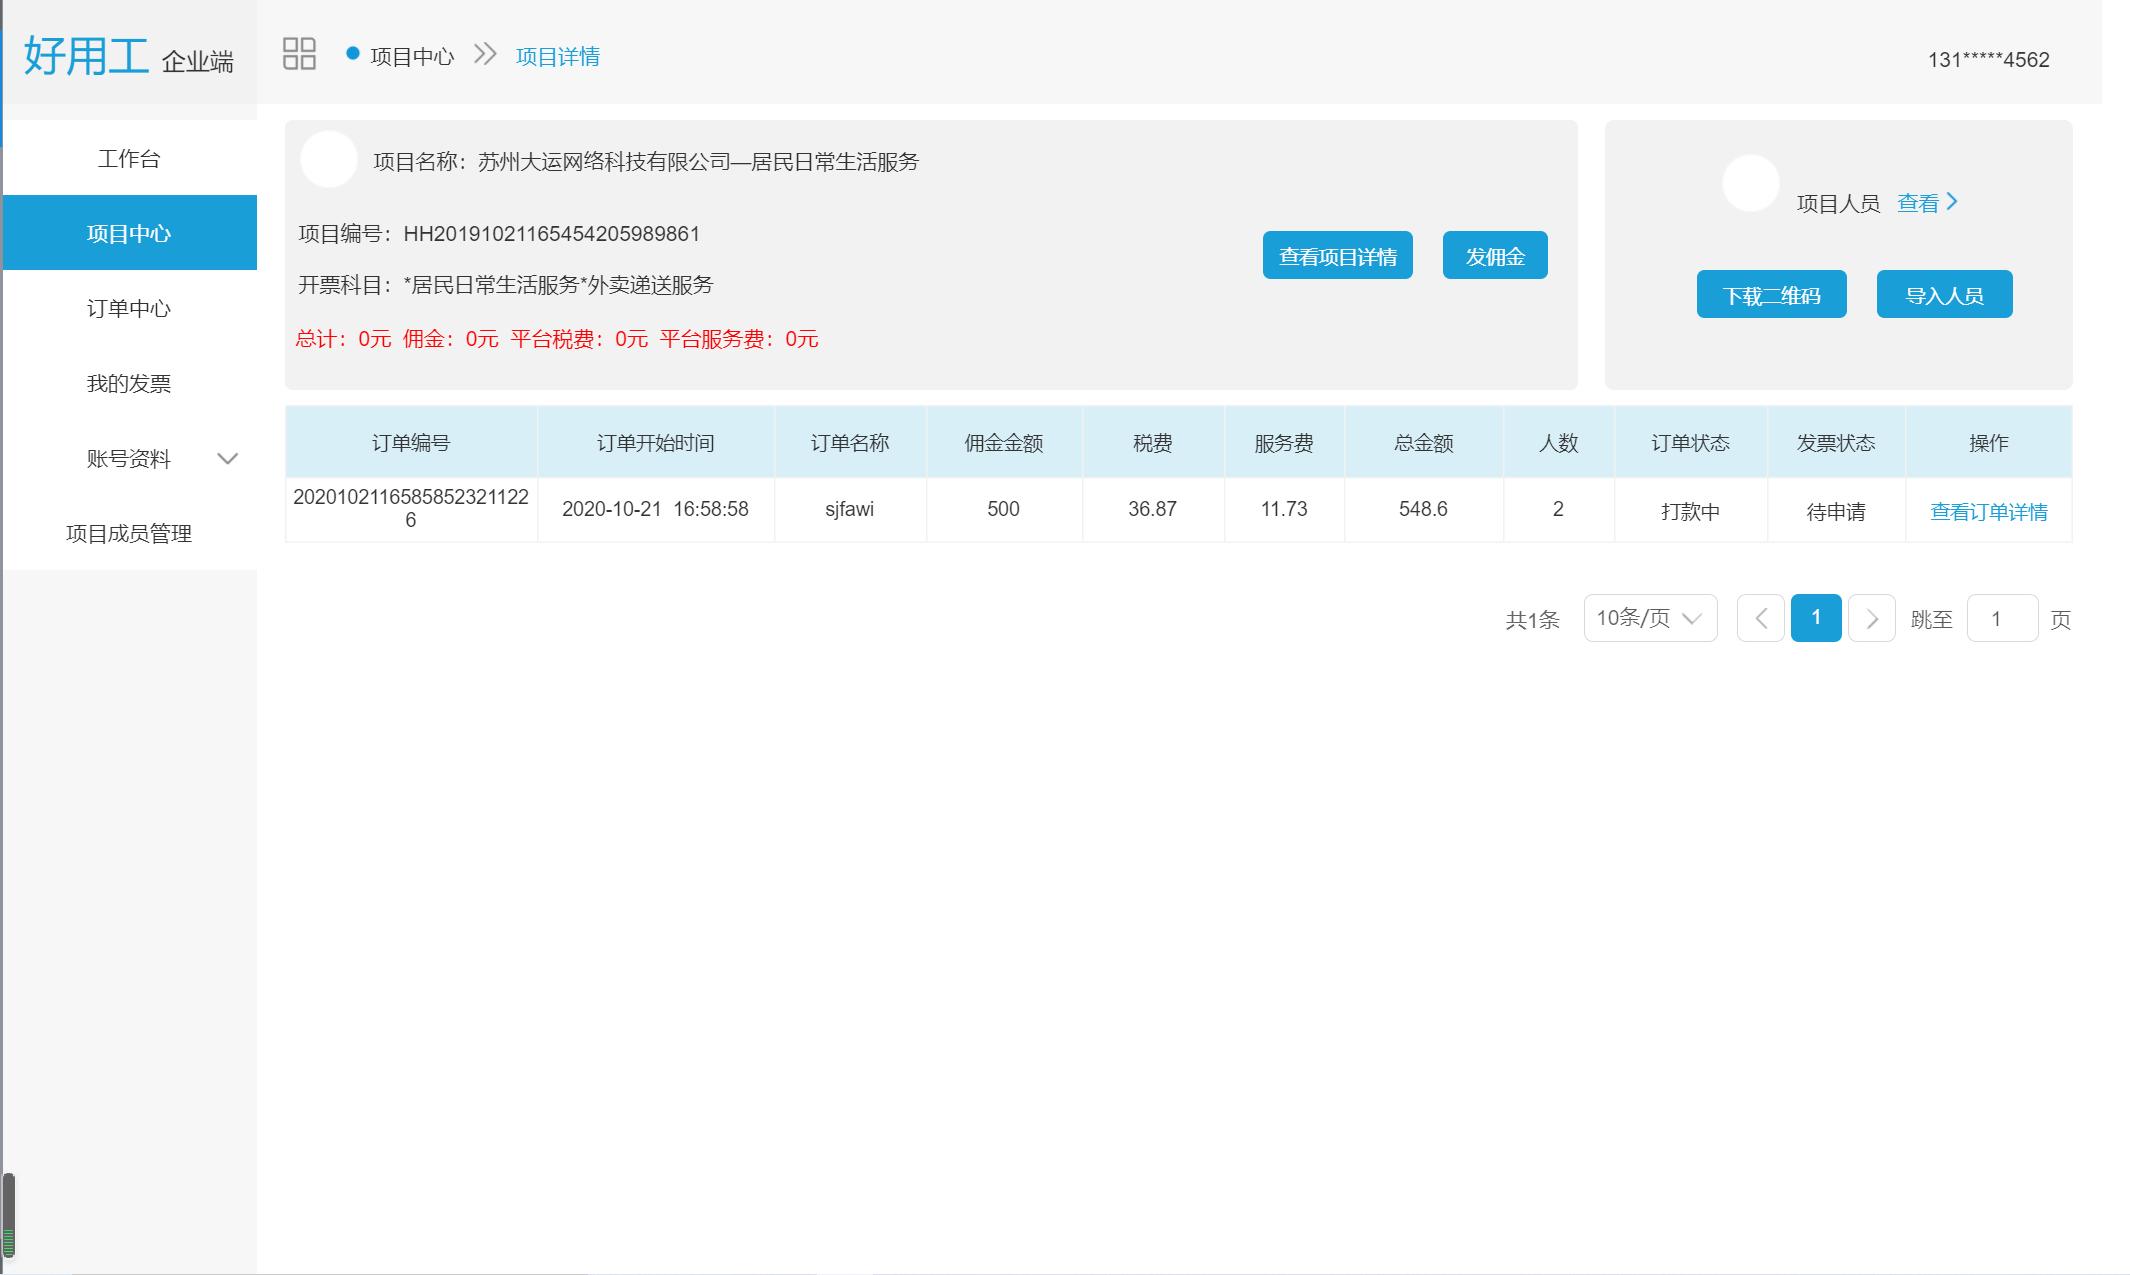 微信截图-20201209234200